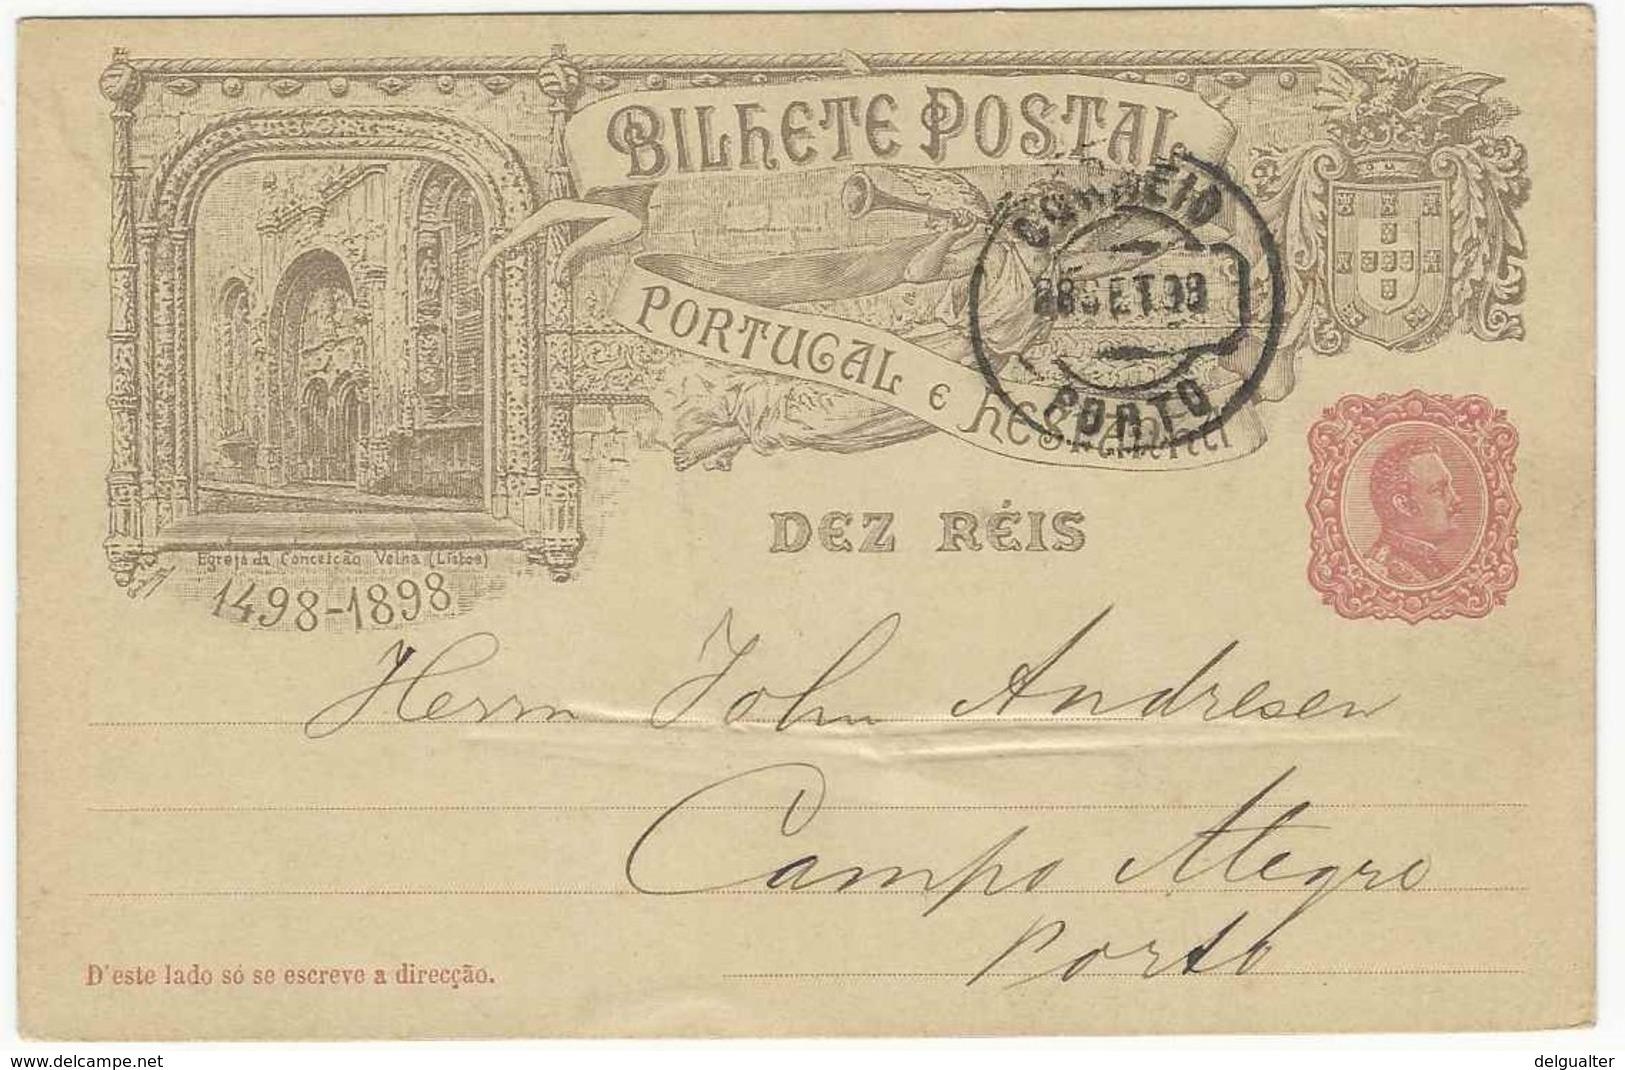 Postal Stationery * Portugal * 1898 * Porto * Egreja Da Conceição Velha (Lisboa) - Entiers Postaux